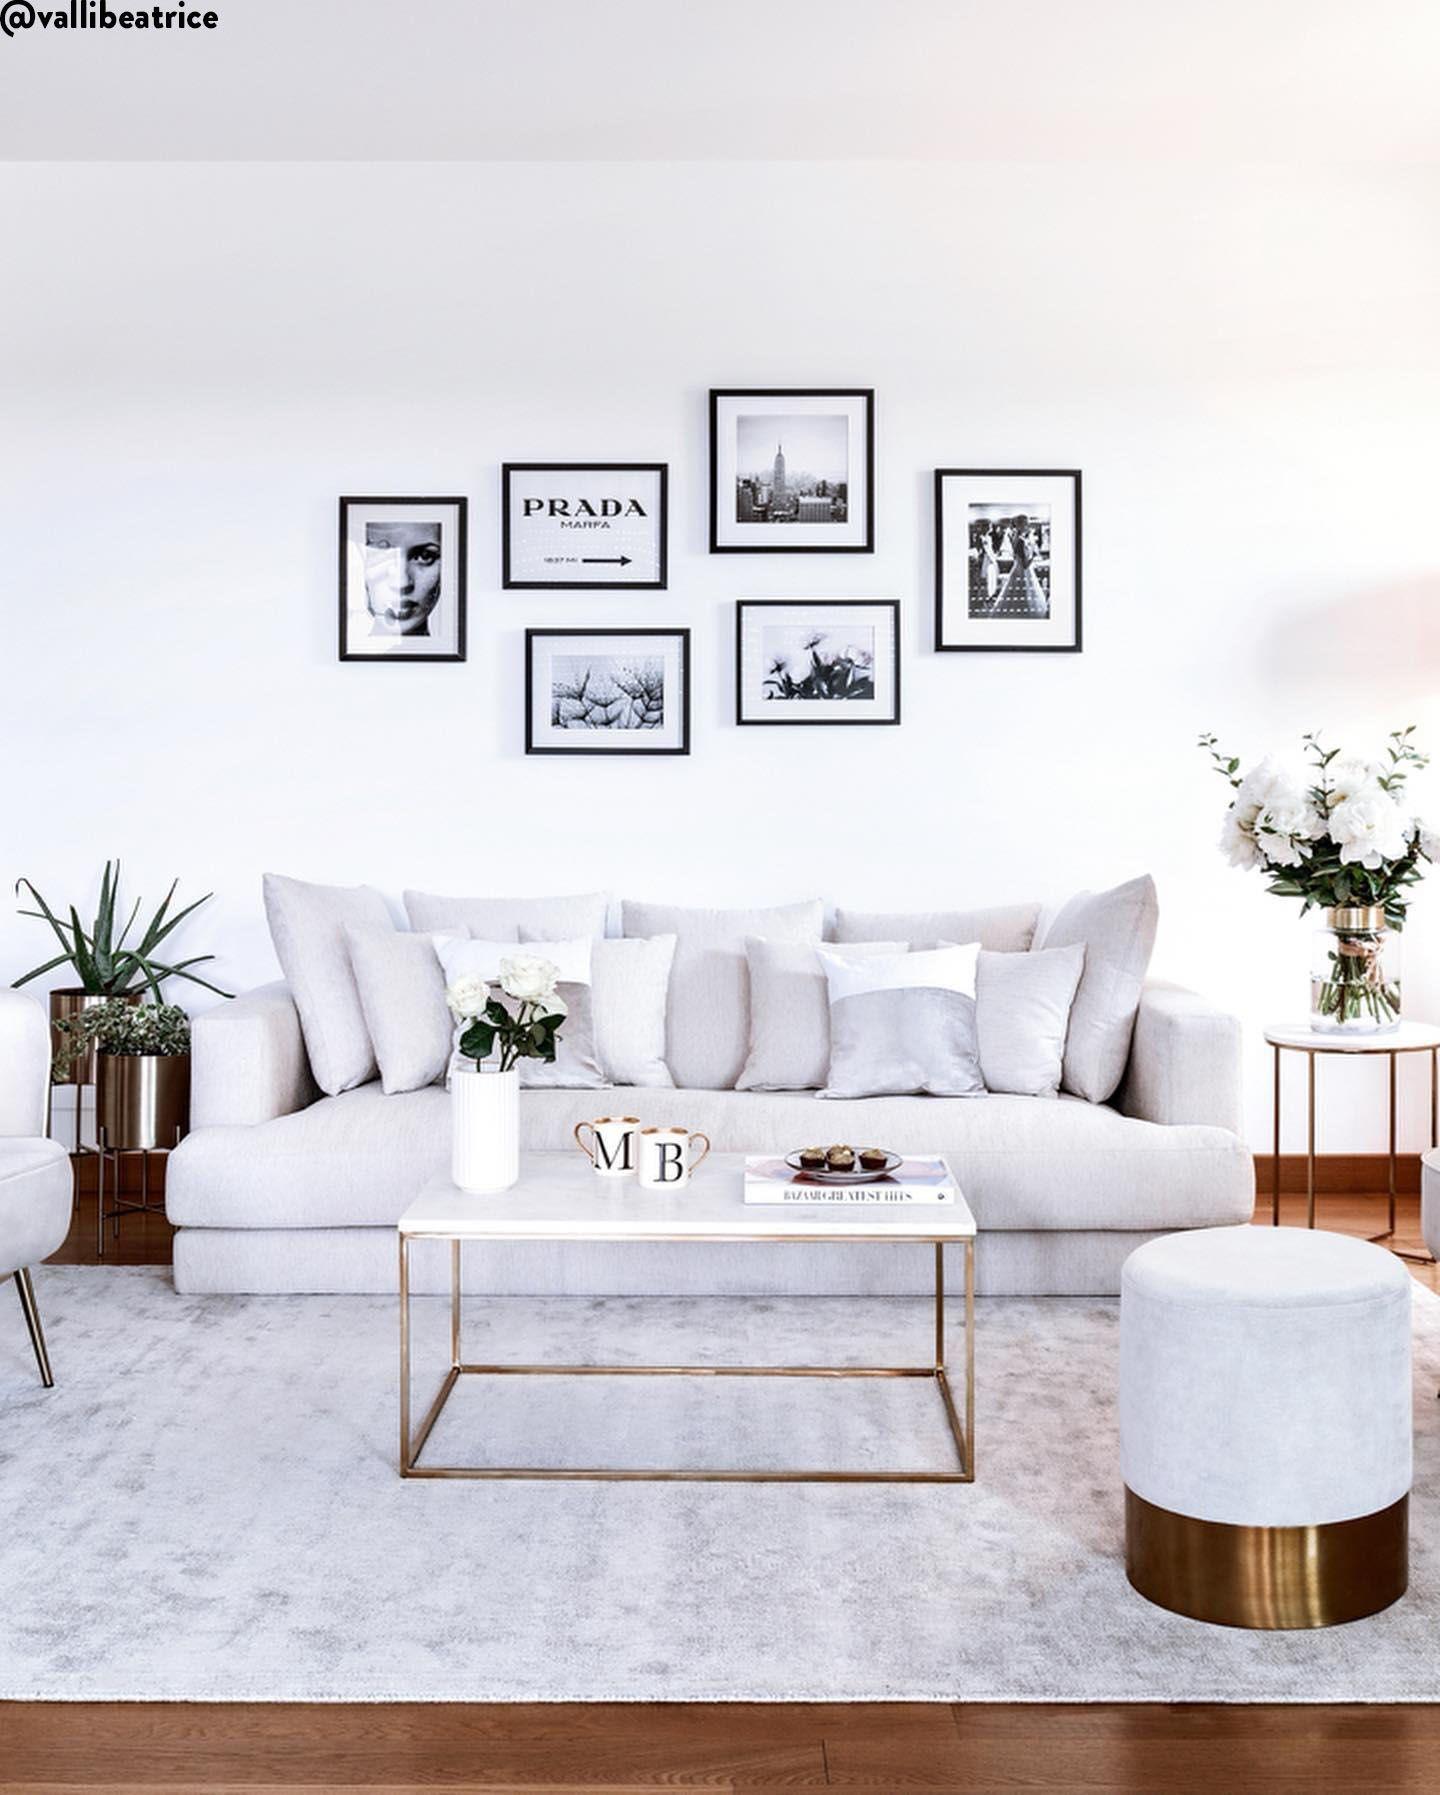 Wohnzimmer-WOW: Traumkombi Sofa & Couchtisch in 3 Stilen